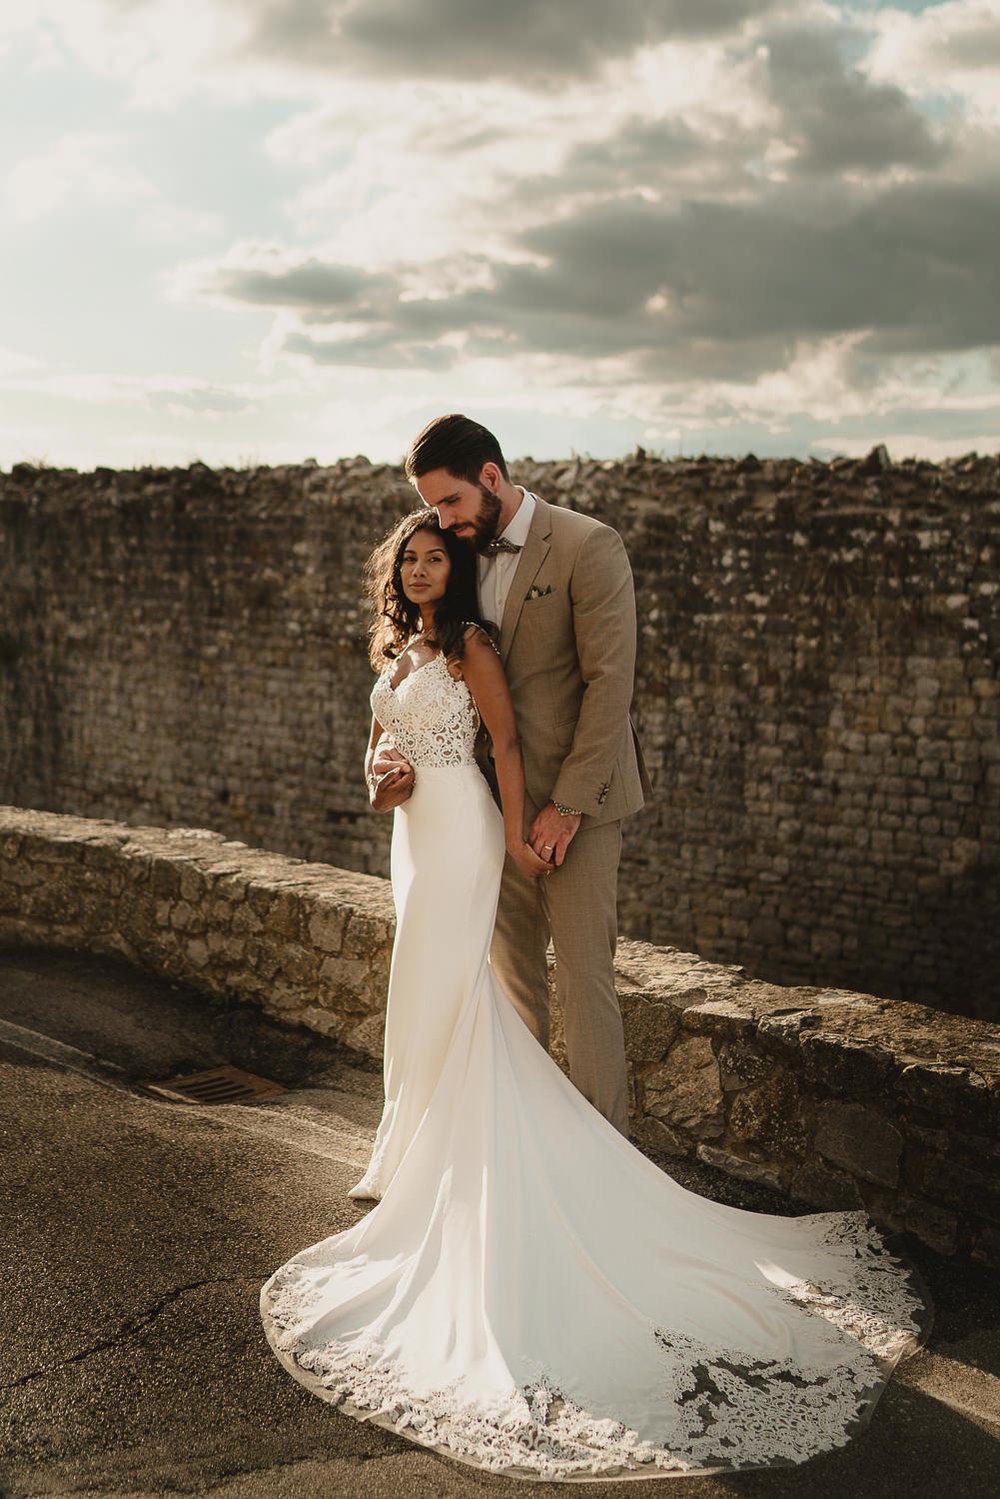 bruidsportret destination wedding tuscany by mark hadden amsterdam bruidsfotograaf